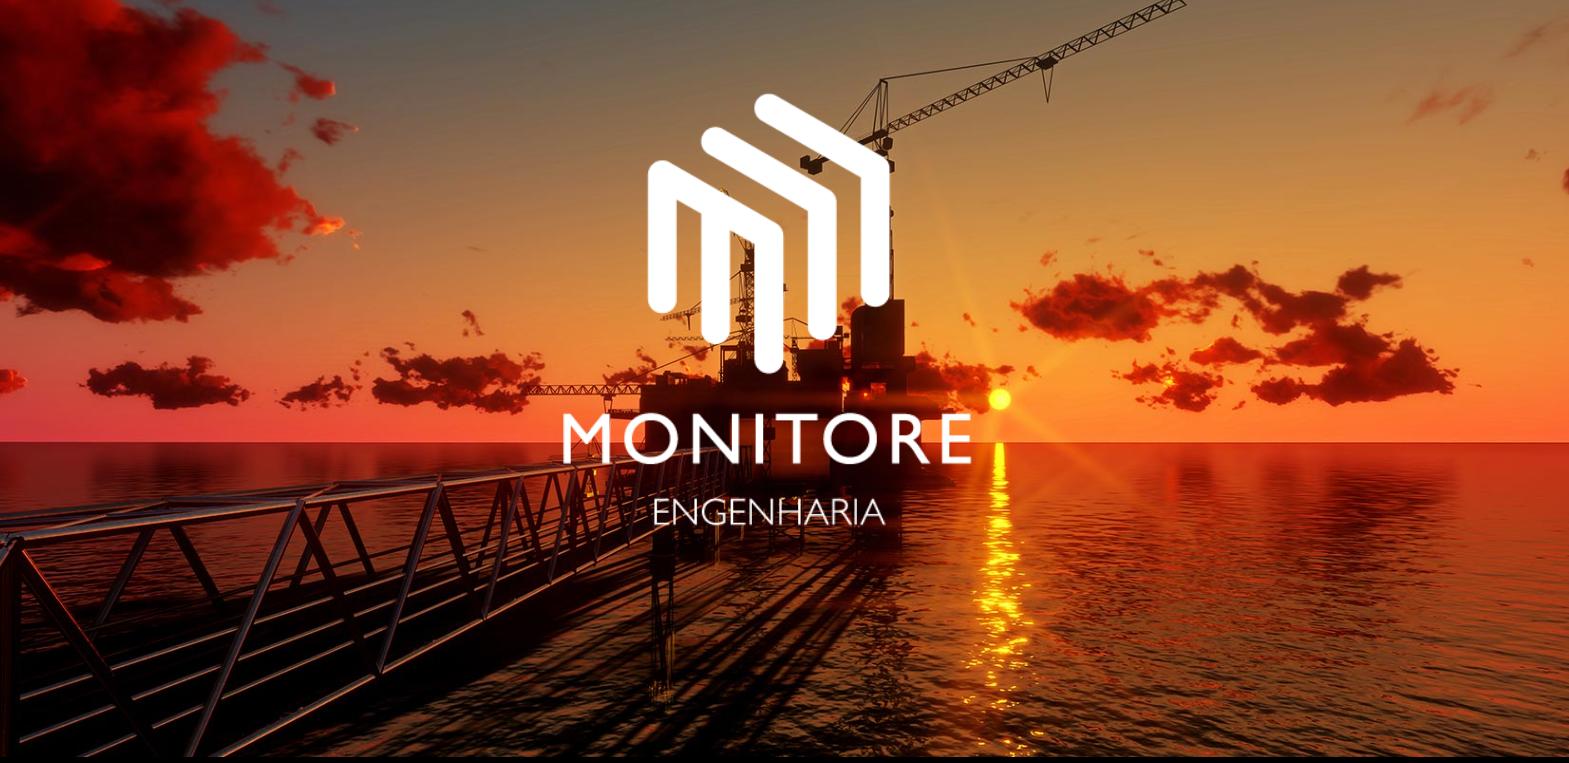 Inspeção e adequação em áreas classificadas é com a Monitore Engenharia